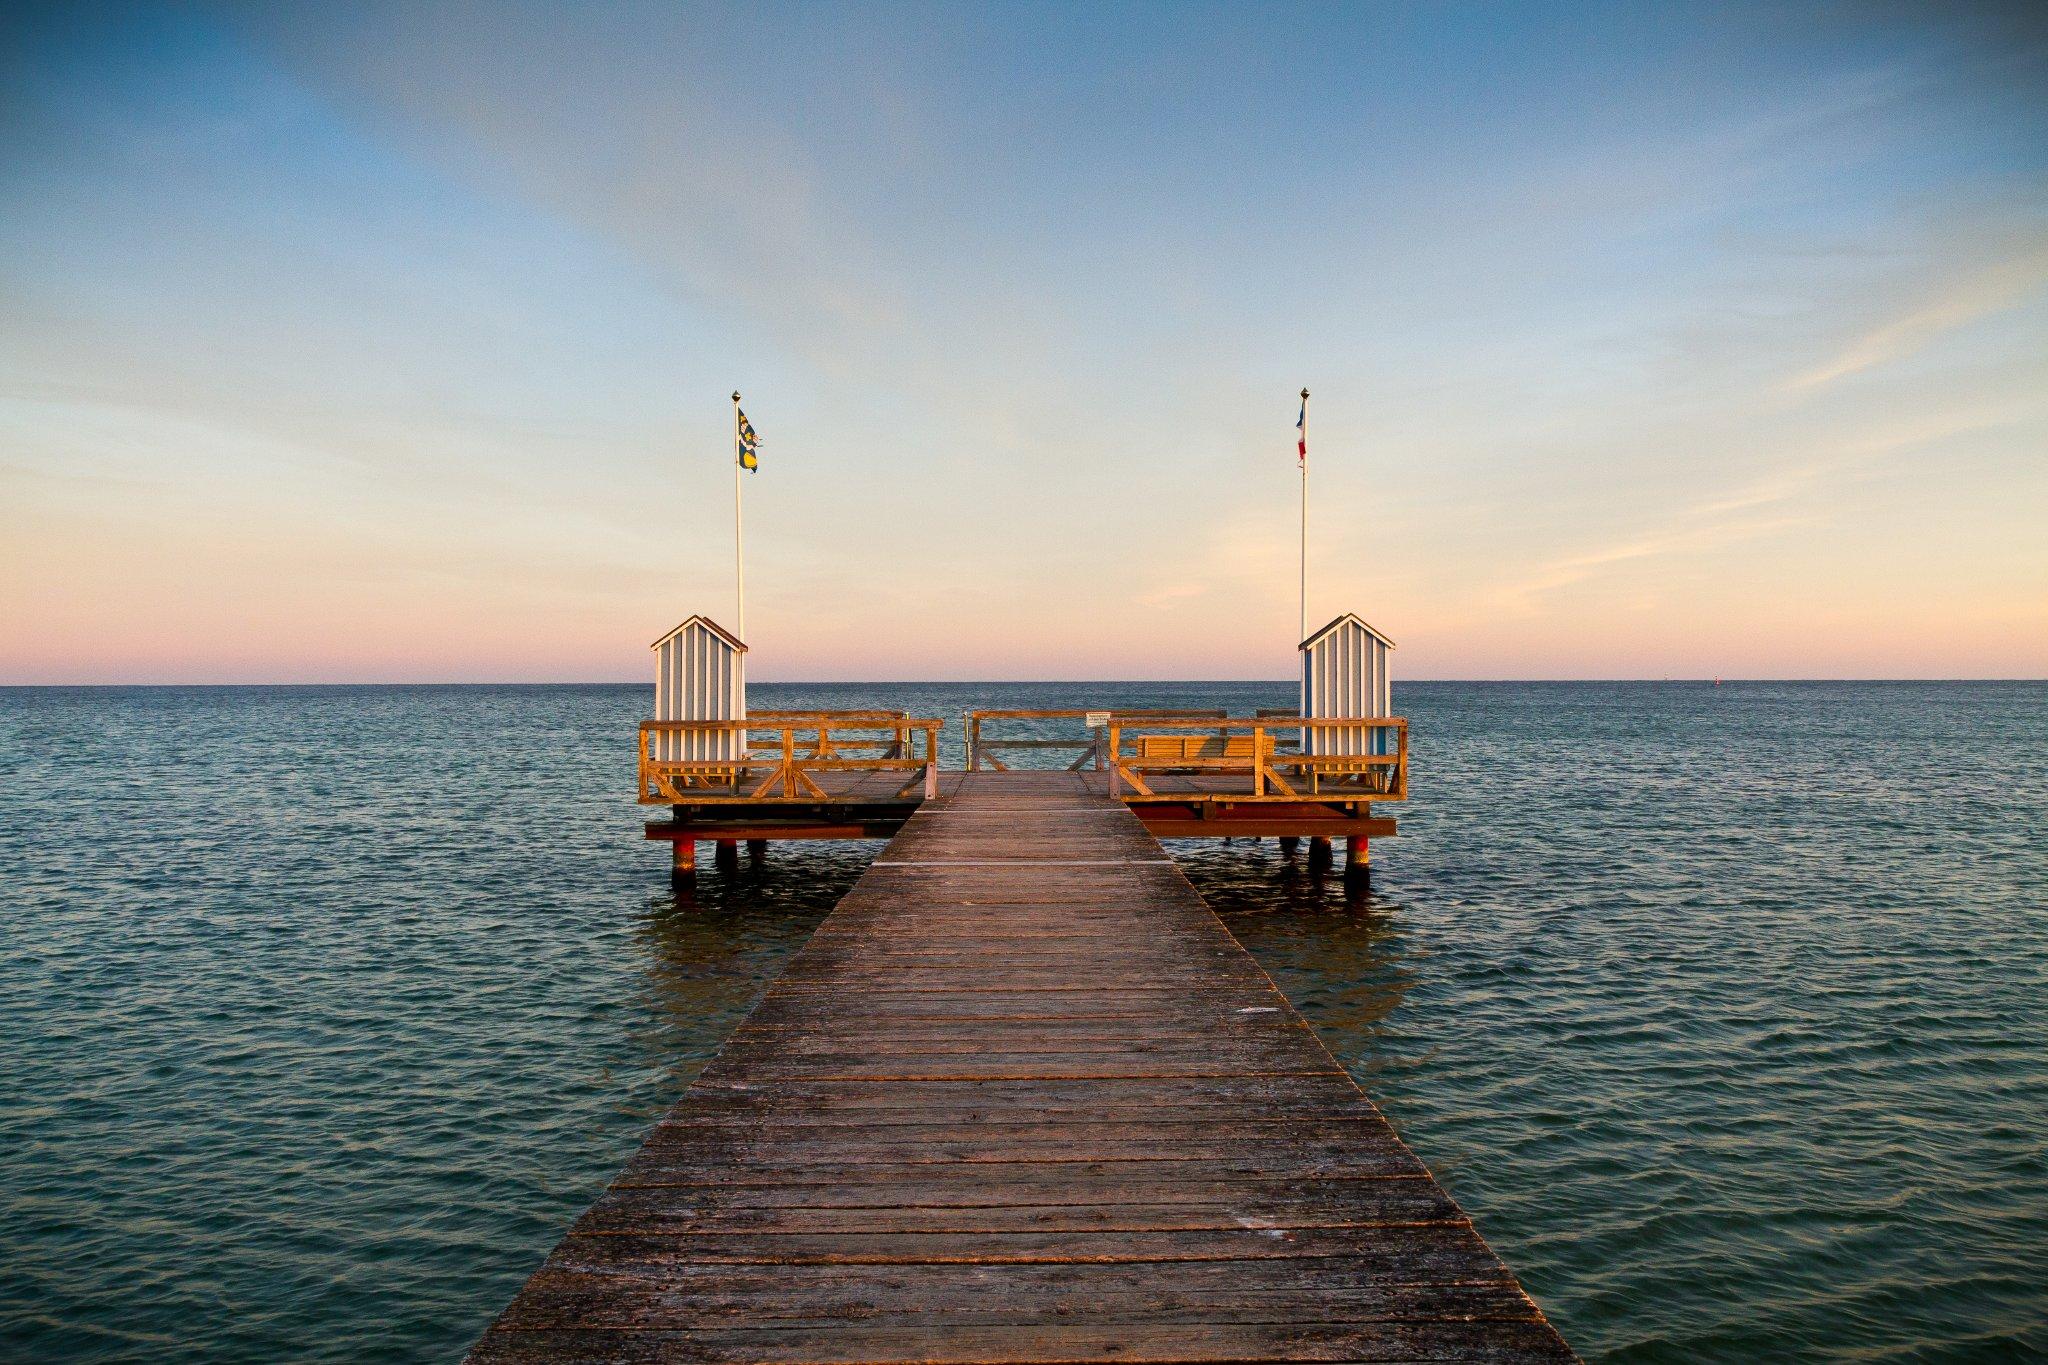 Strand für Muschlsucher und Familien